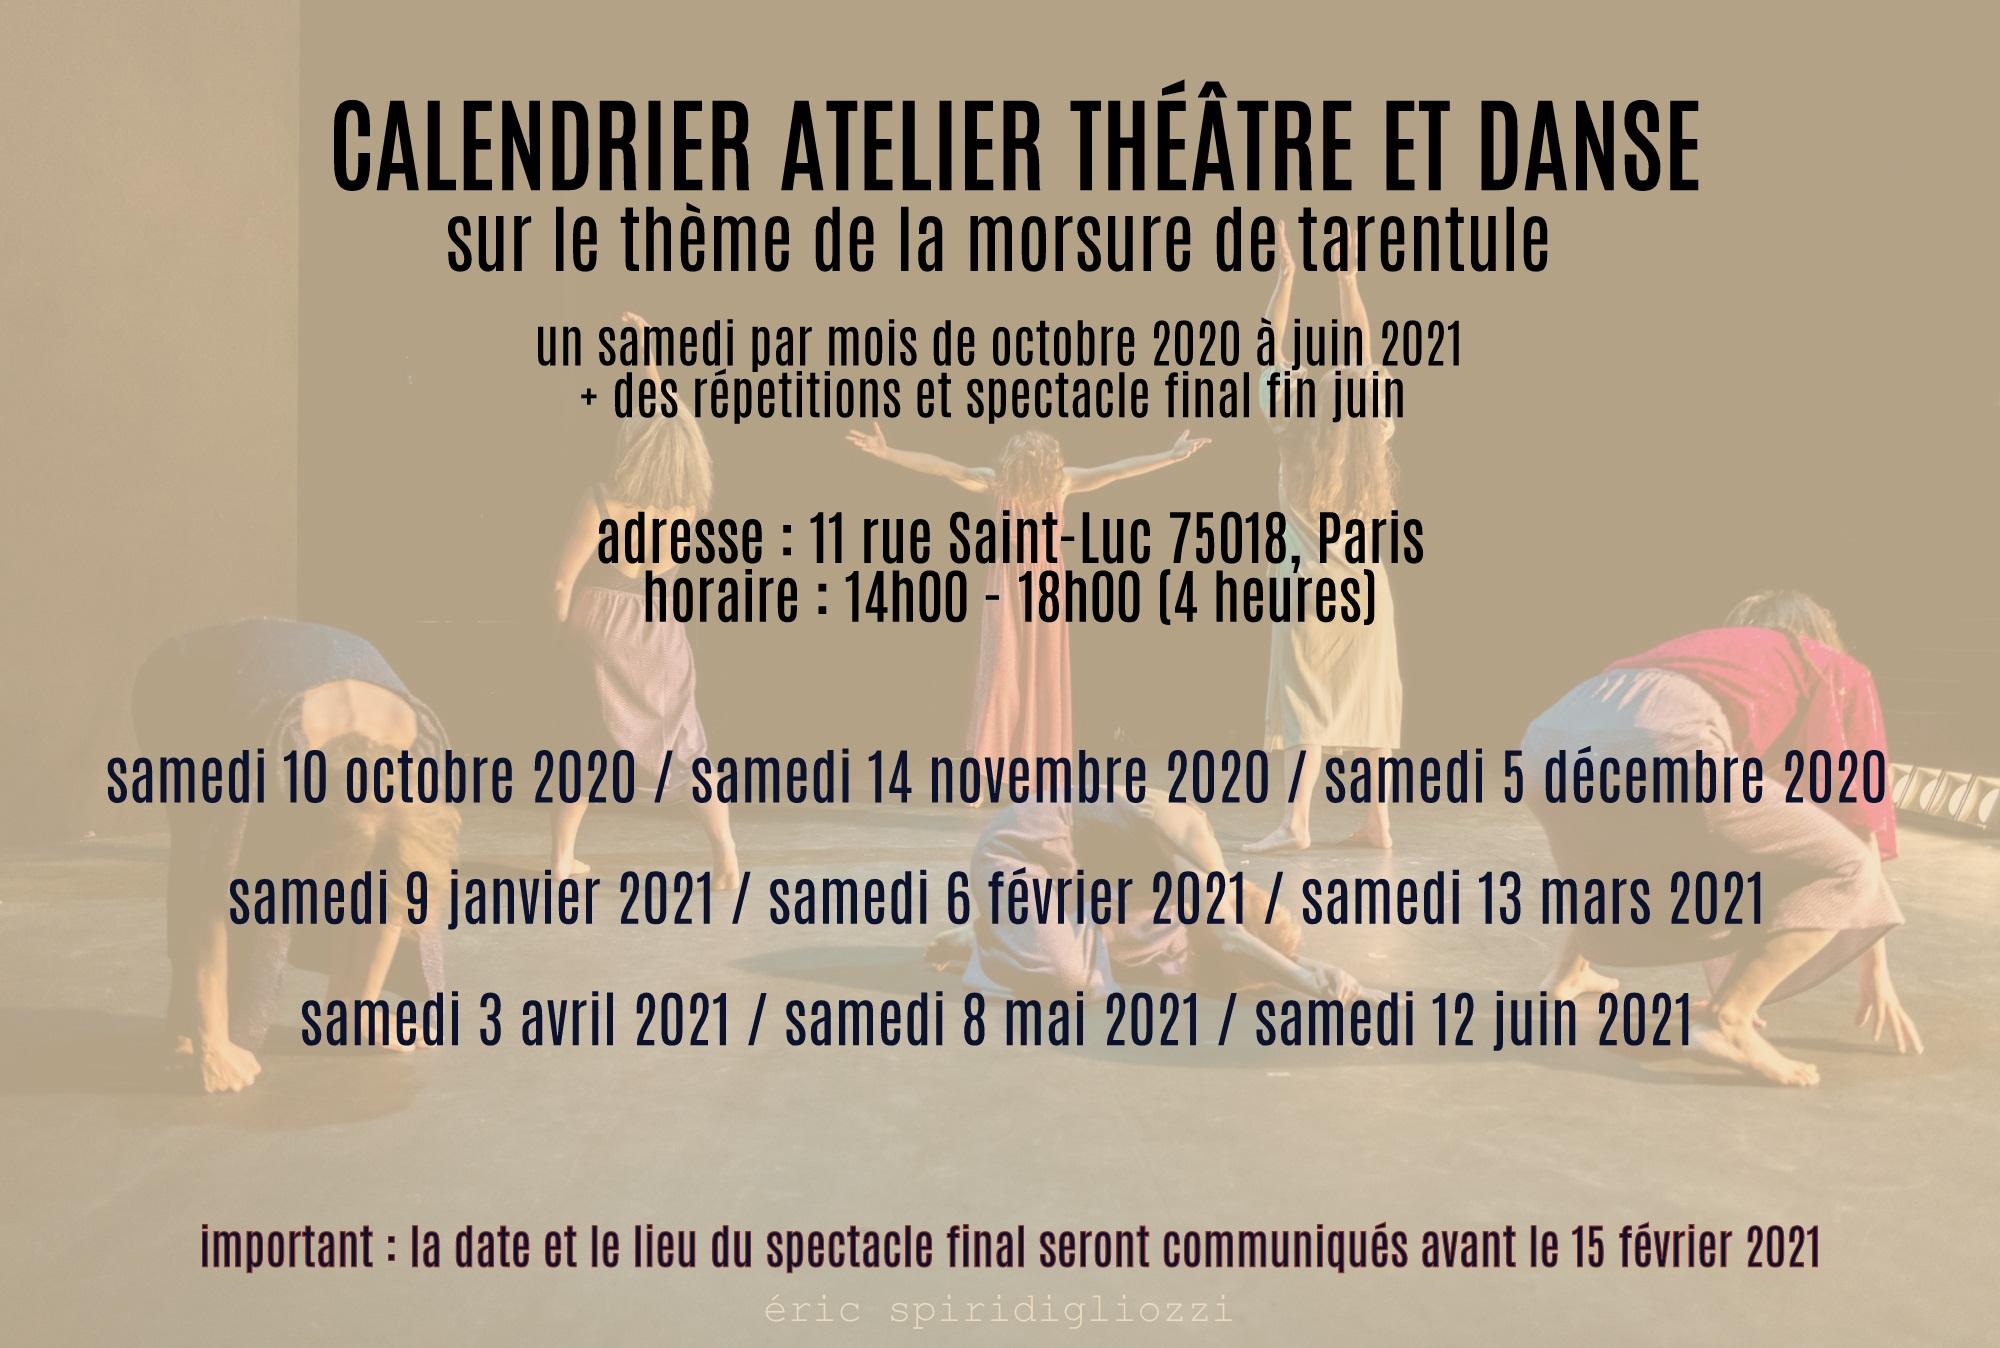 calendrier atelier theatre 2020 2021